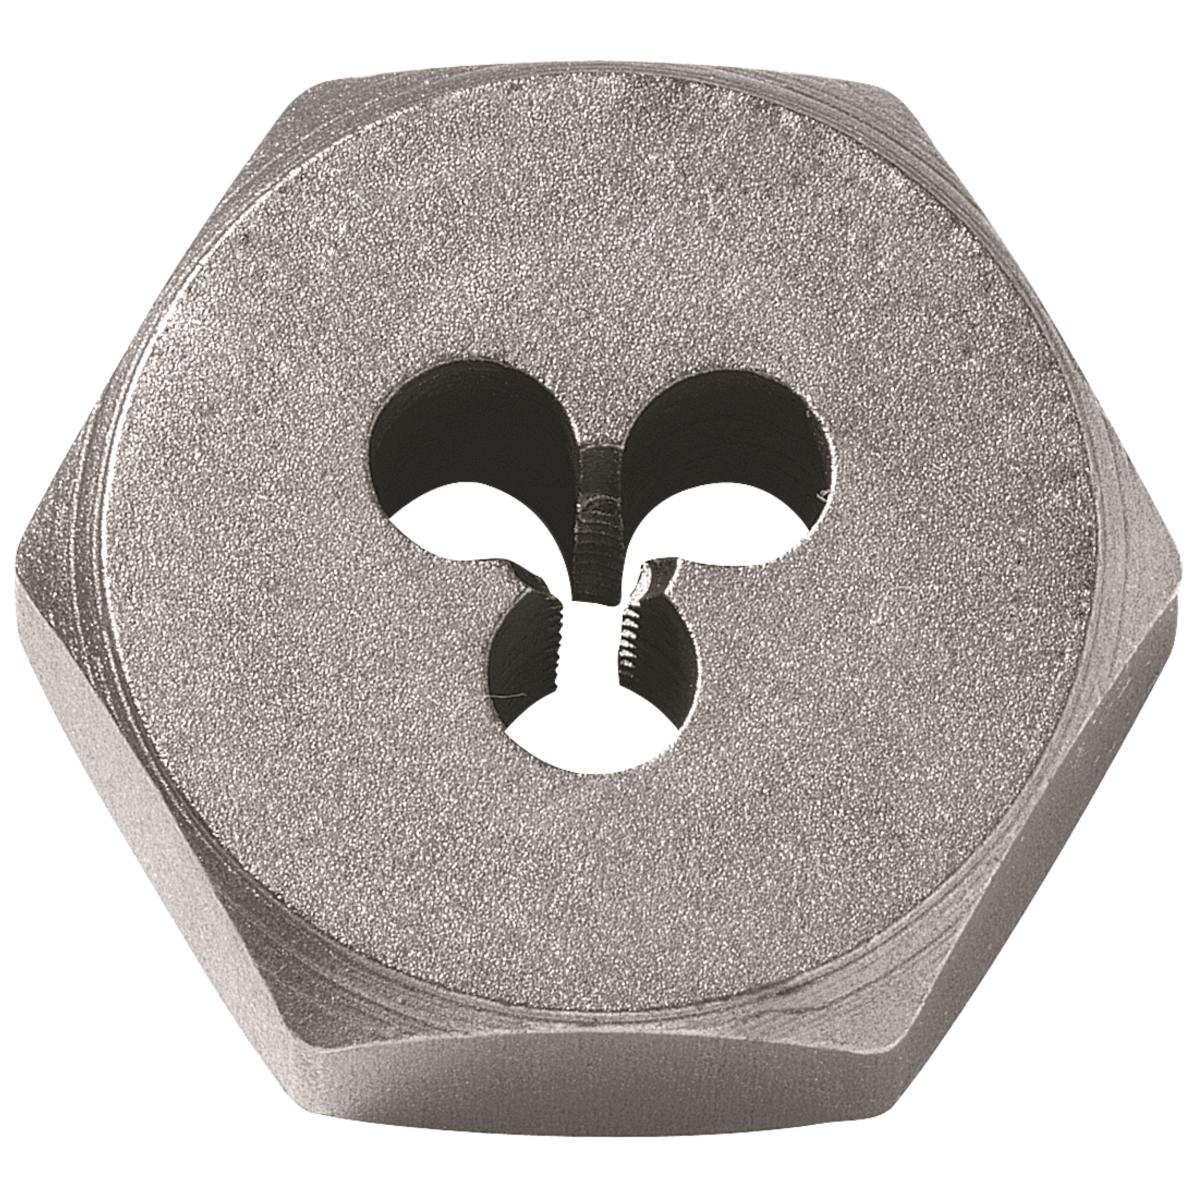 #10-24 Carbon Steel Die